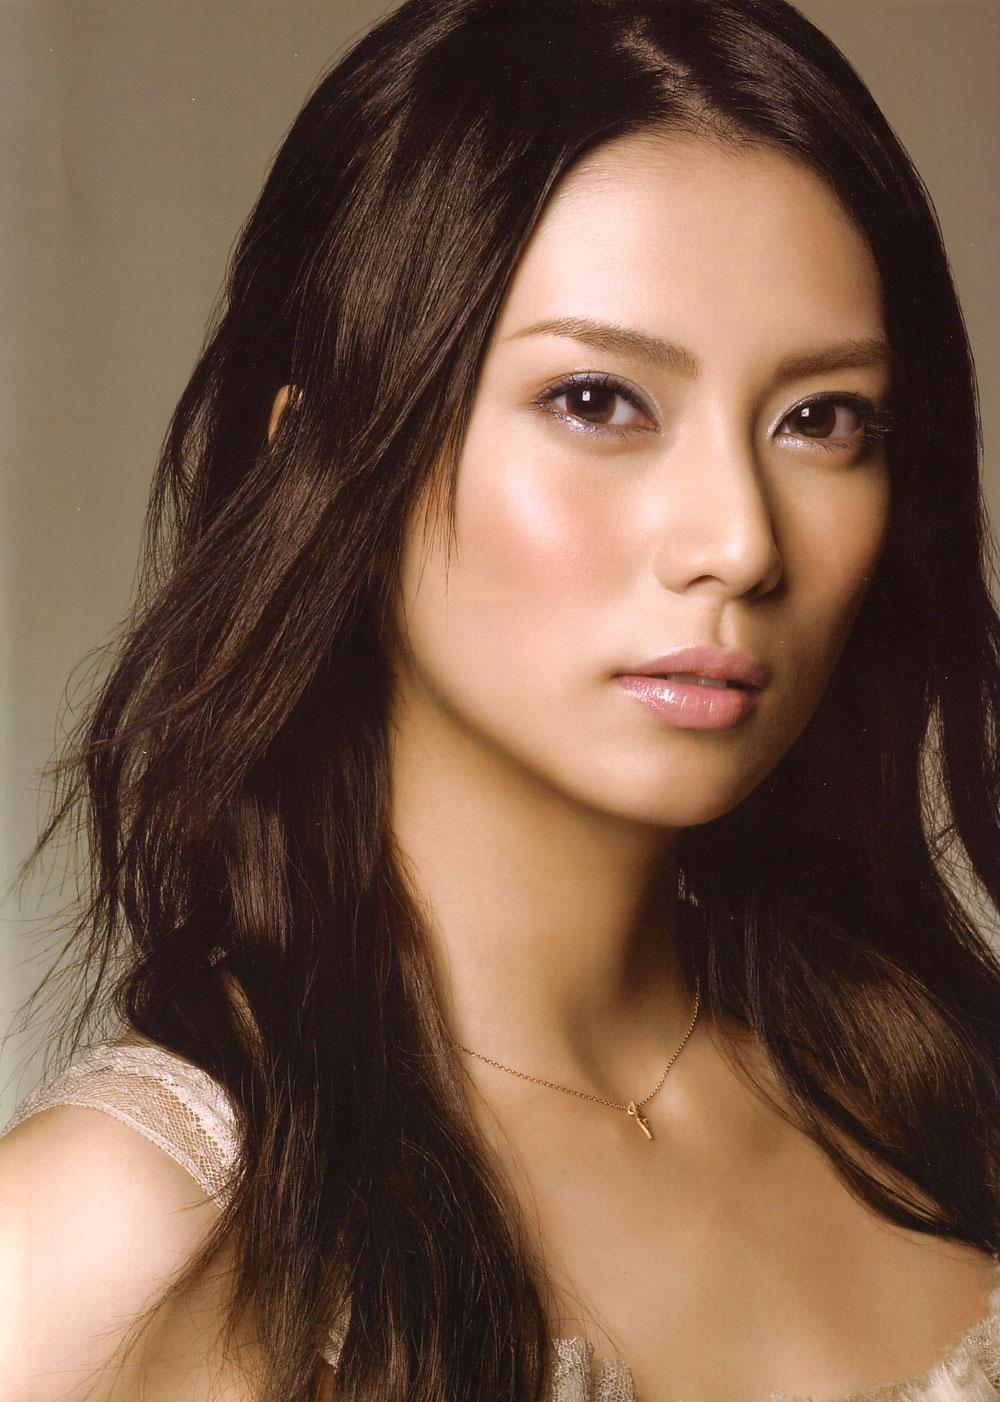 女優・柴咲コウは歌手としても大活躍していた!!代表曲とは?のサムネイル画像